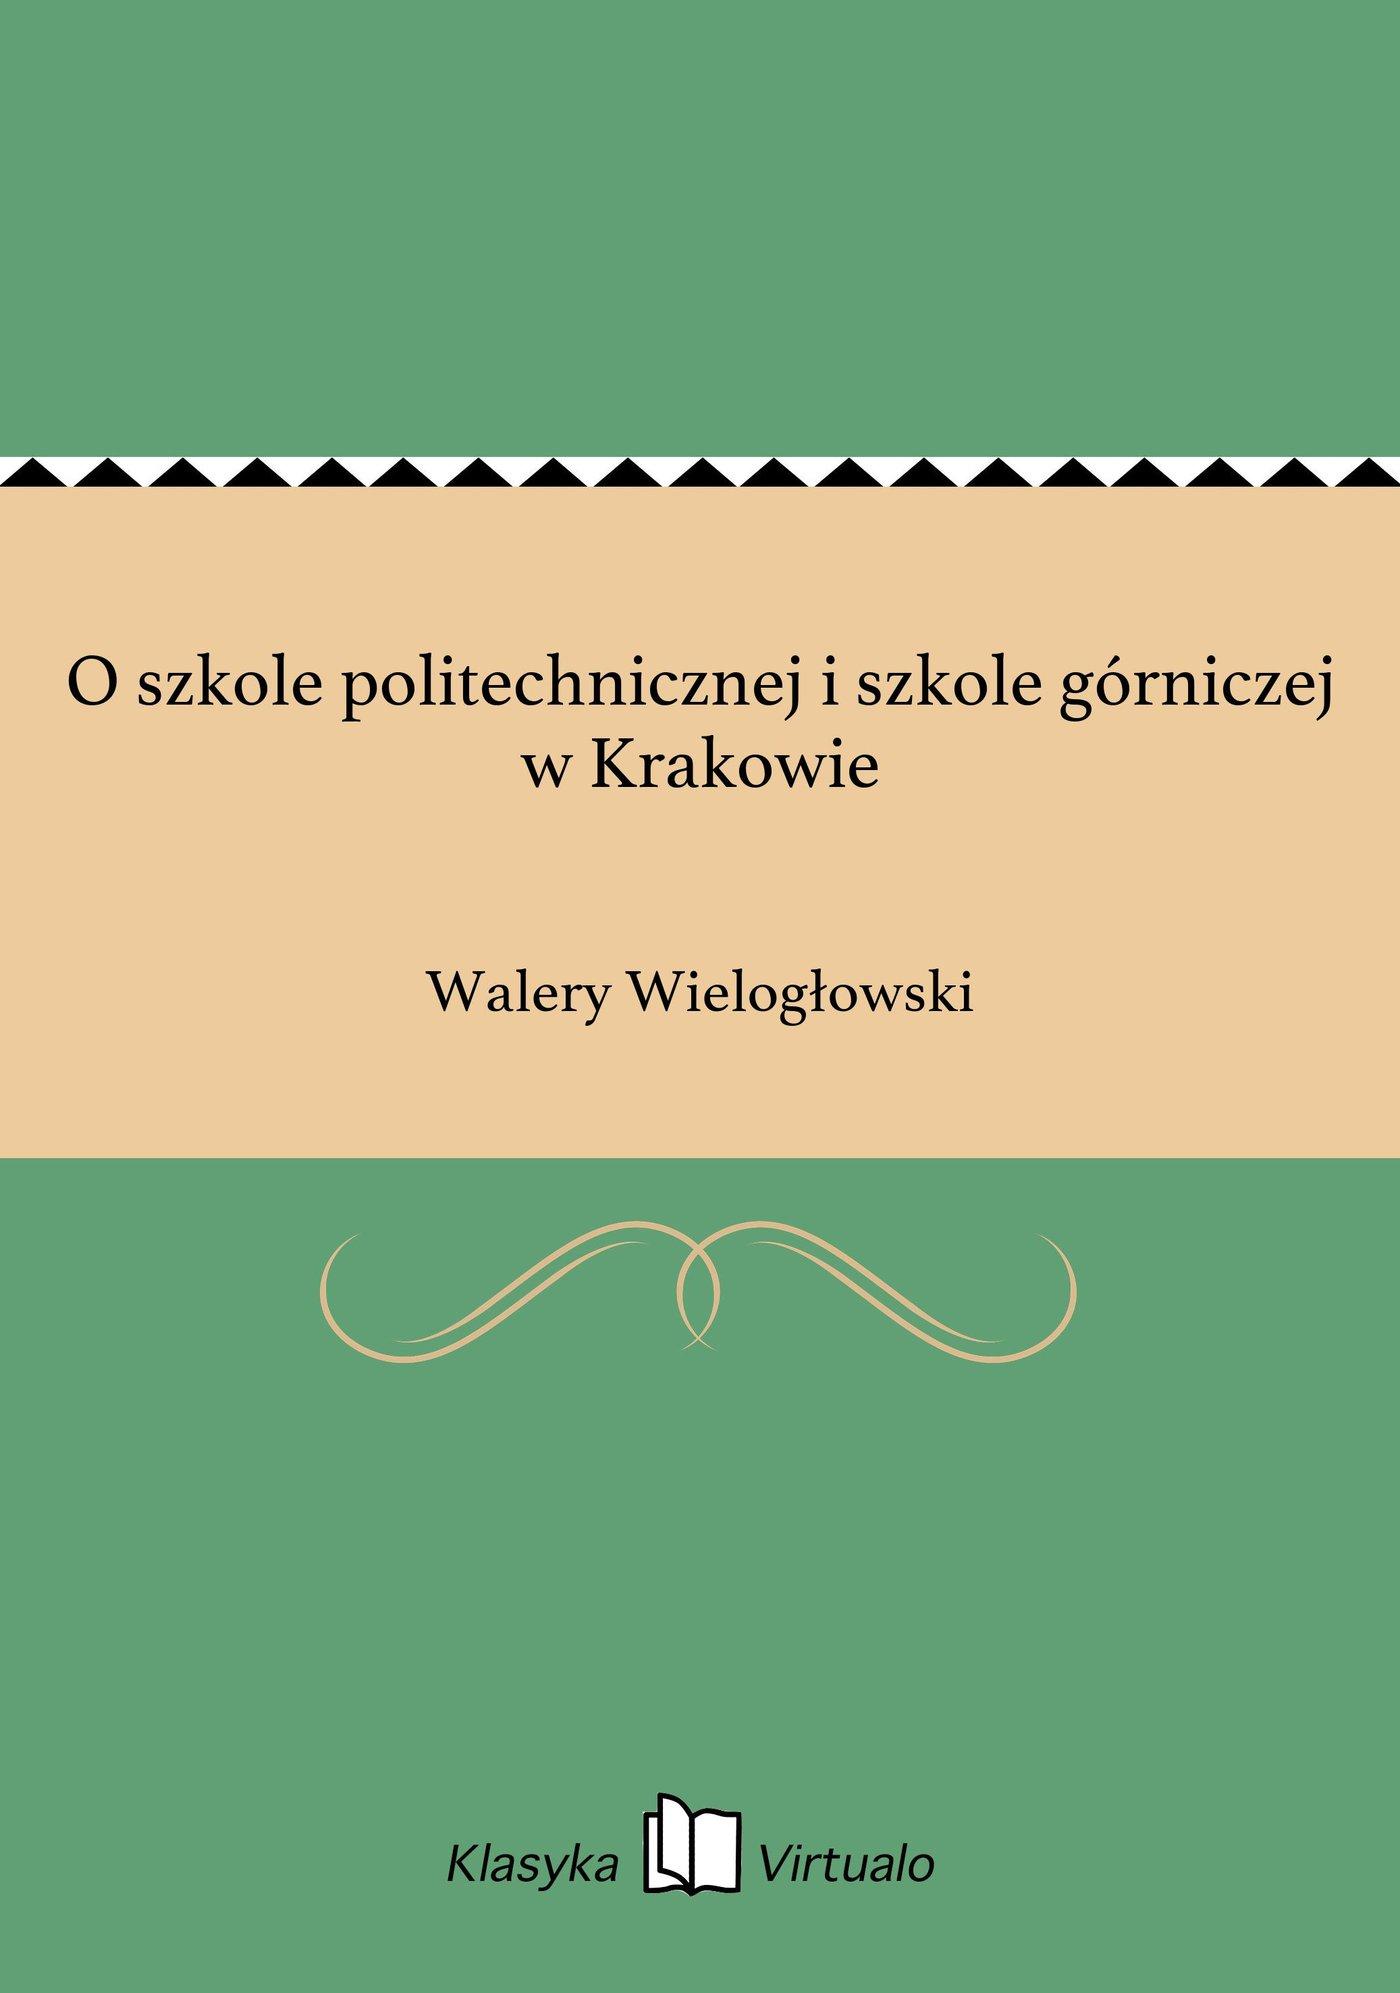 O szkole politechnicznej i szkole górniczej w Krakowie - Ebook (Książka EPUB) do pobrania w formacie EPUB